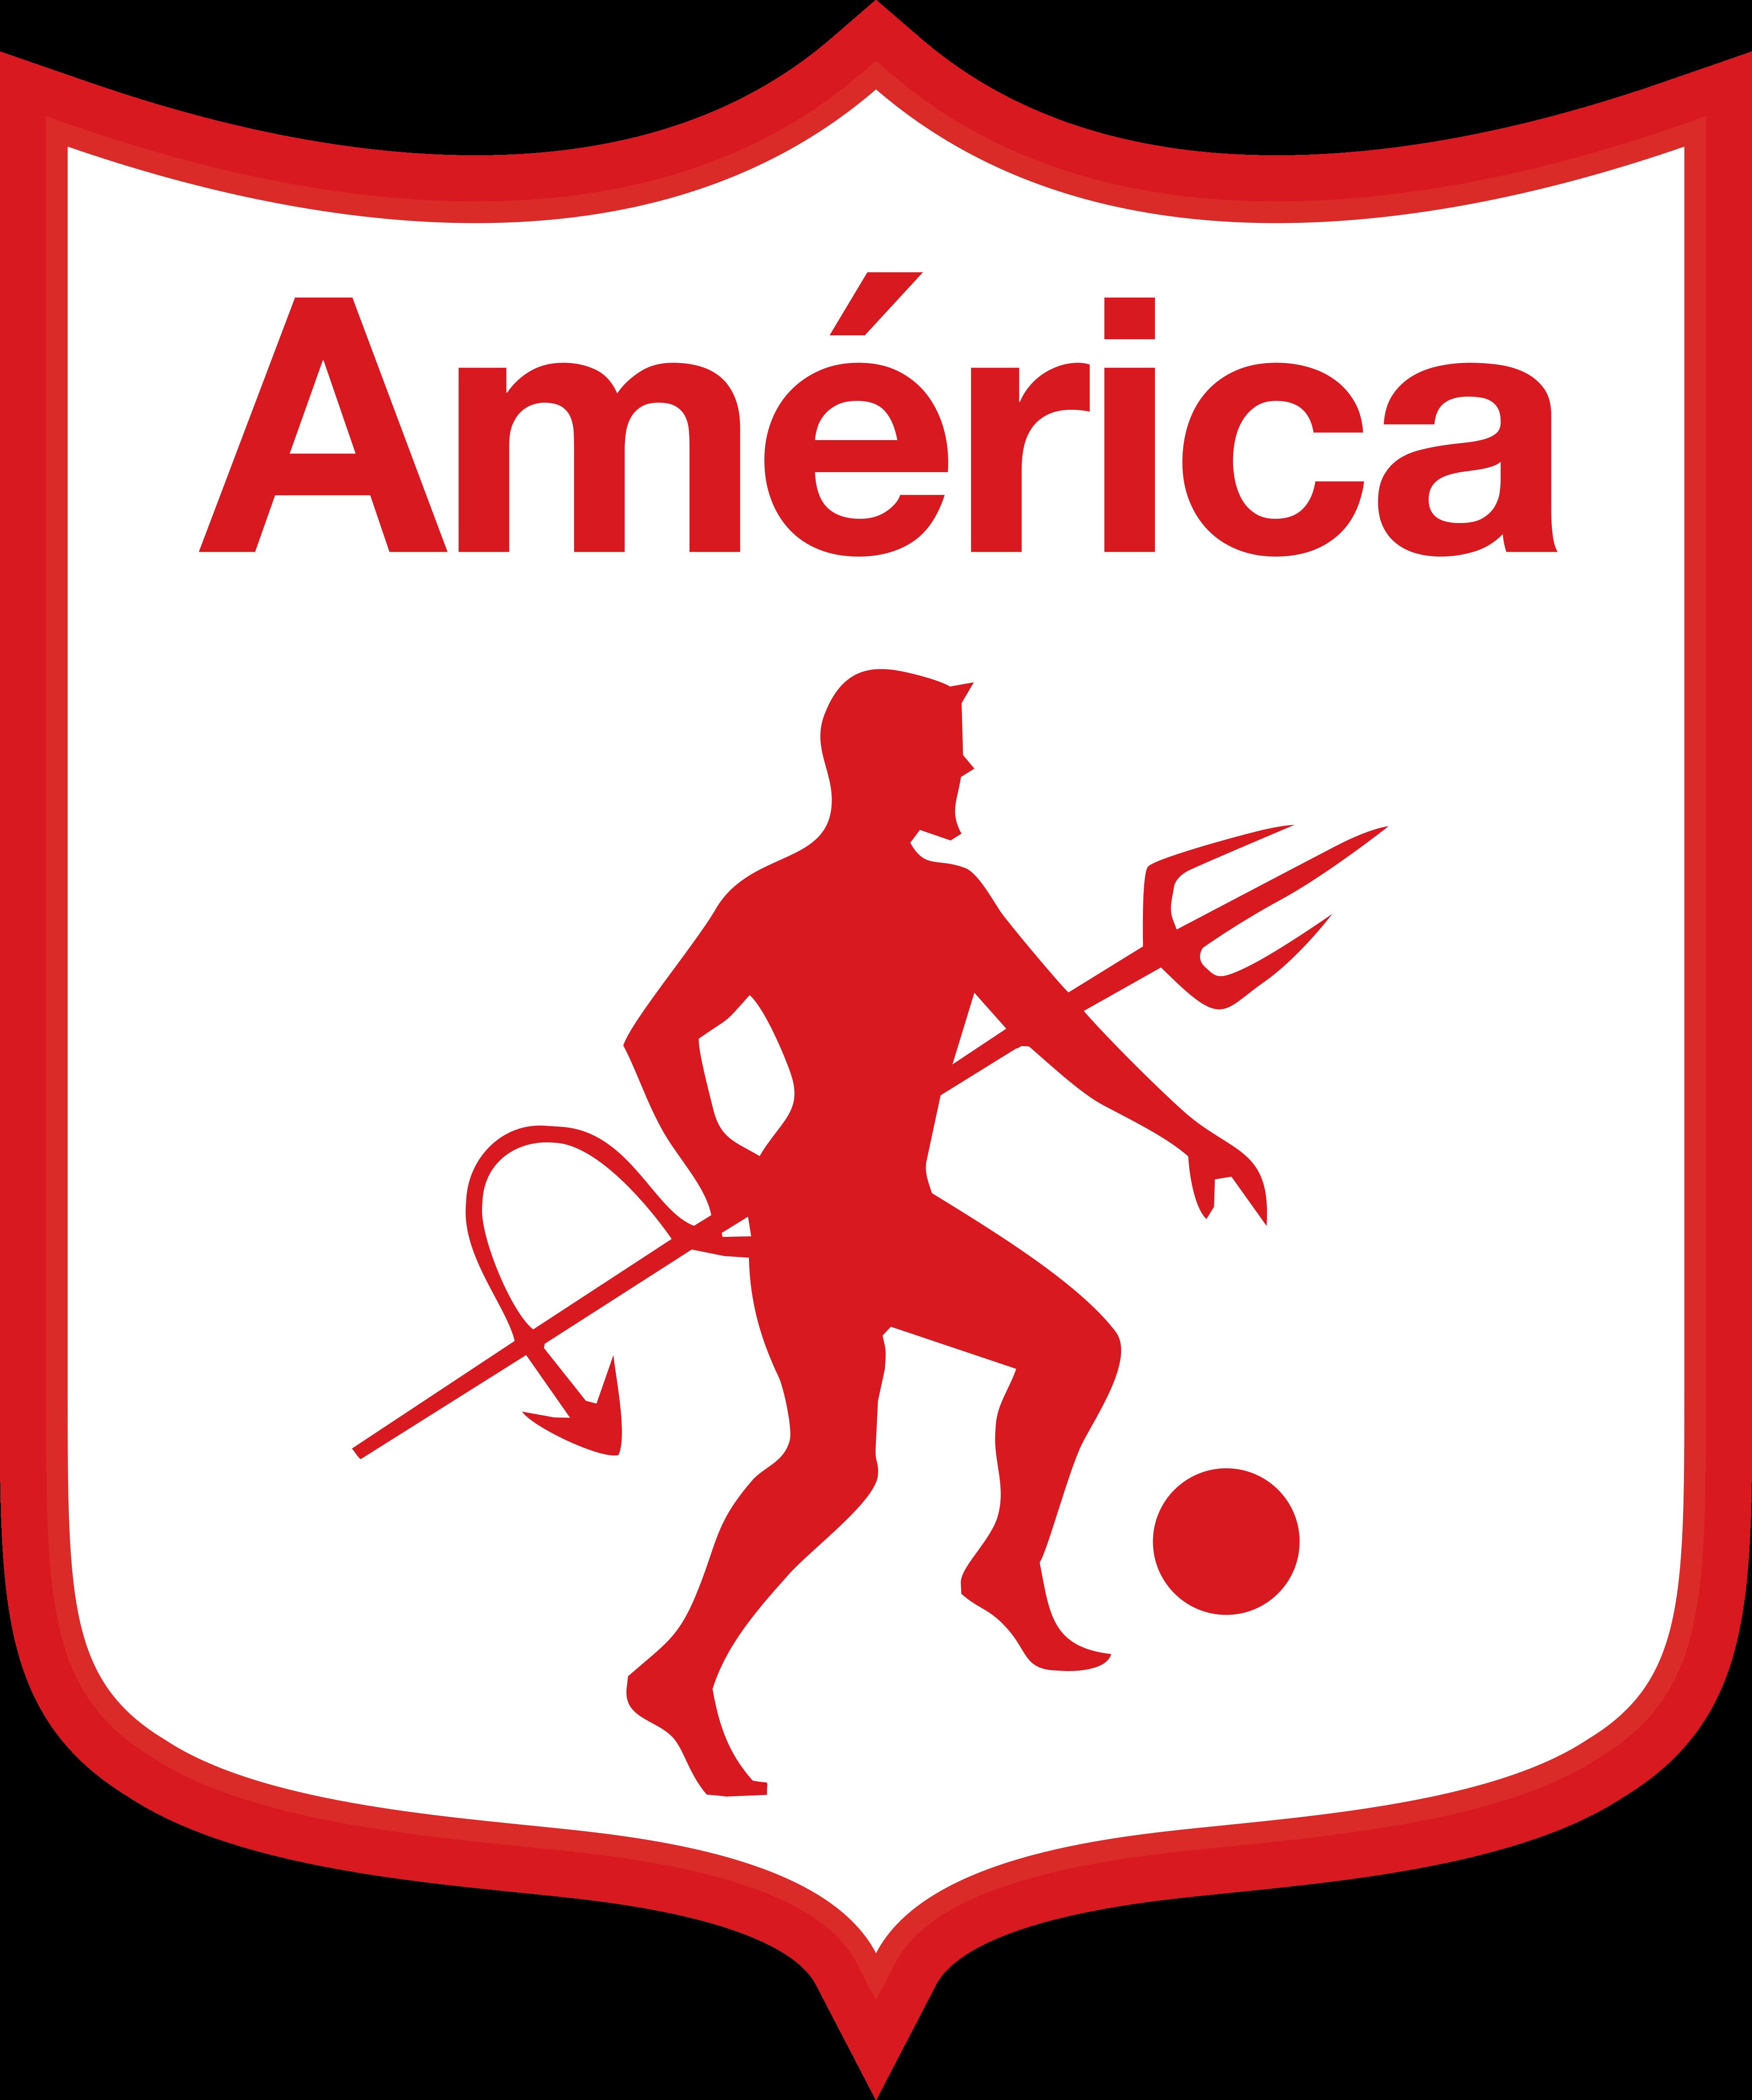 america de cali logo - América de Cali Logo - Escudo